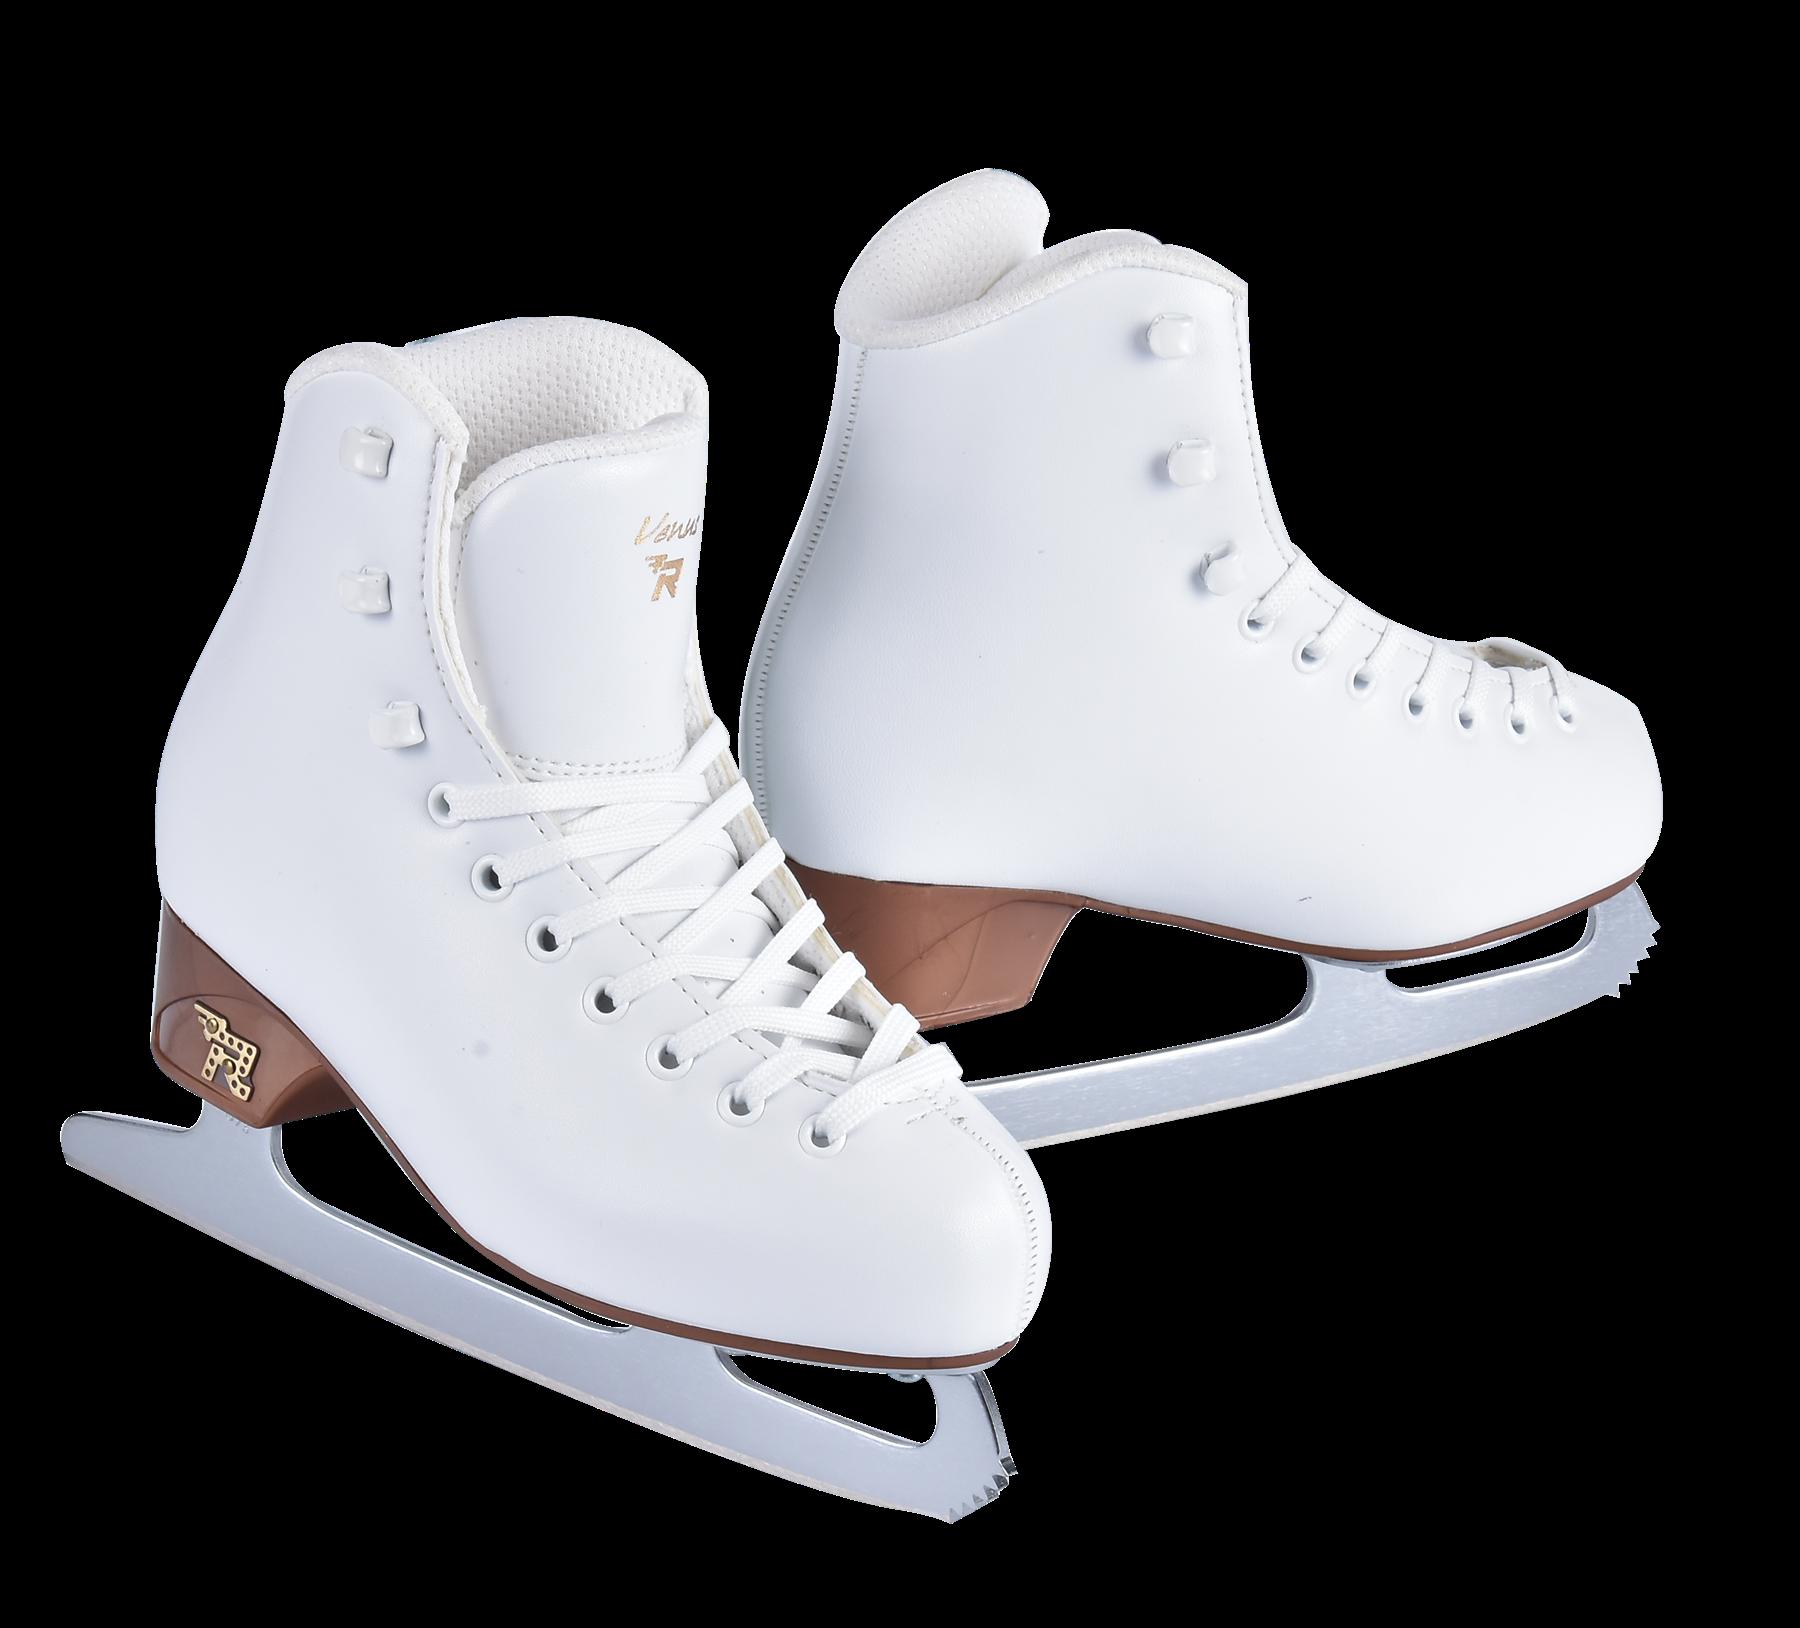 意大利Risport冰鞋VENUS儿童花样冰刀鞋花样滑冰鞋成人溜冰鞋女